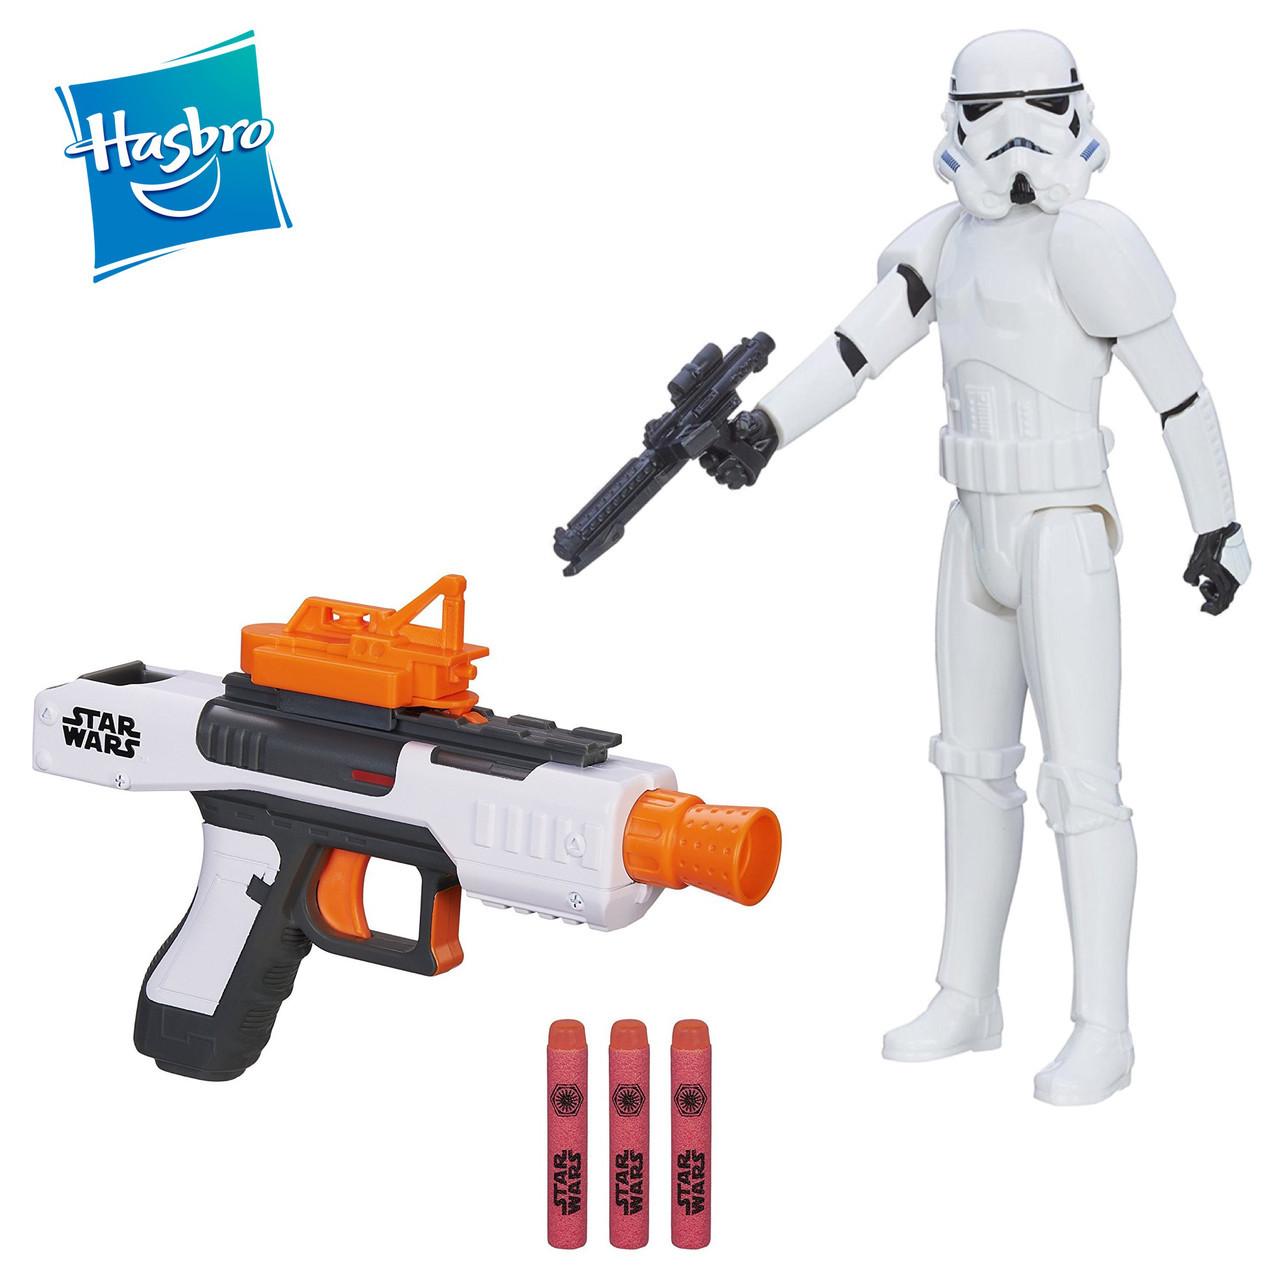 Бластер Штурмовика + фигурка 30 см в подарок Star Wars, Nerf, Hasbro